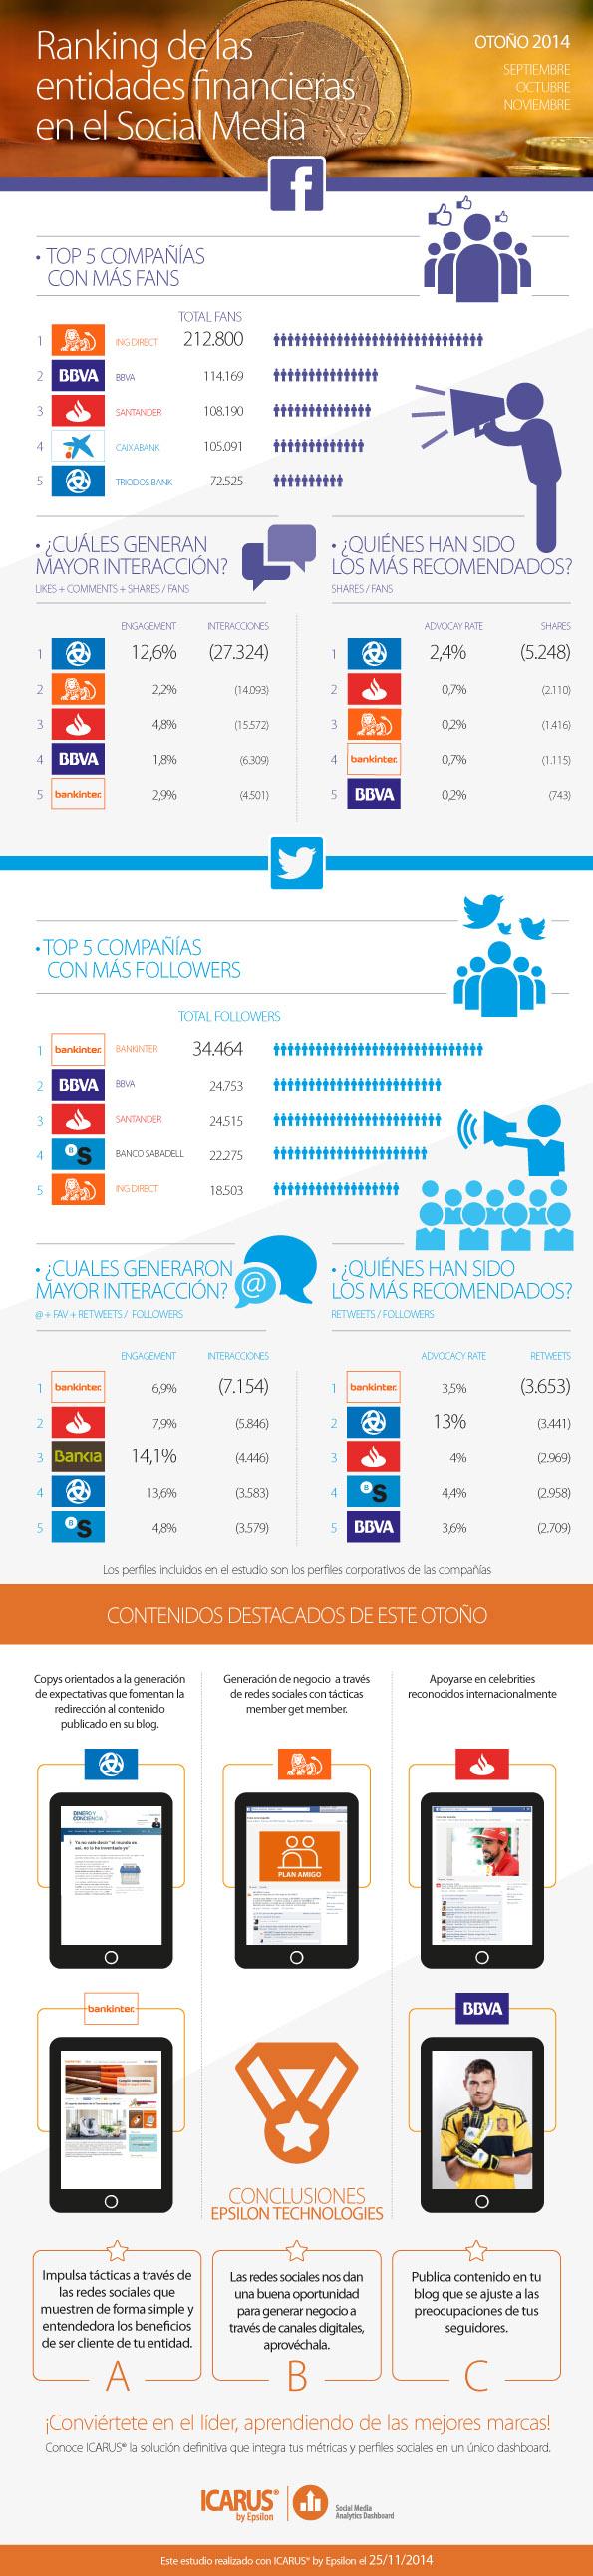 Ranking entidades financieras en Twitter